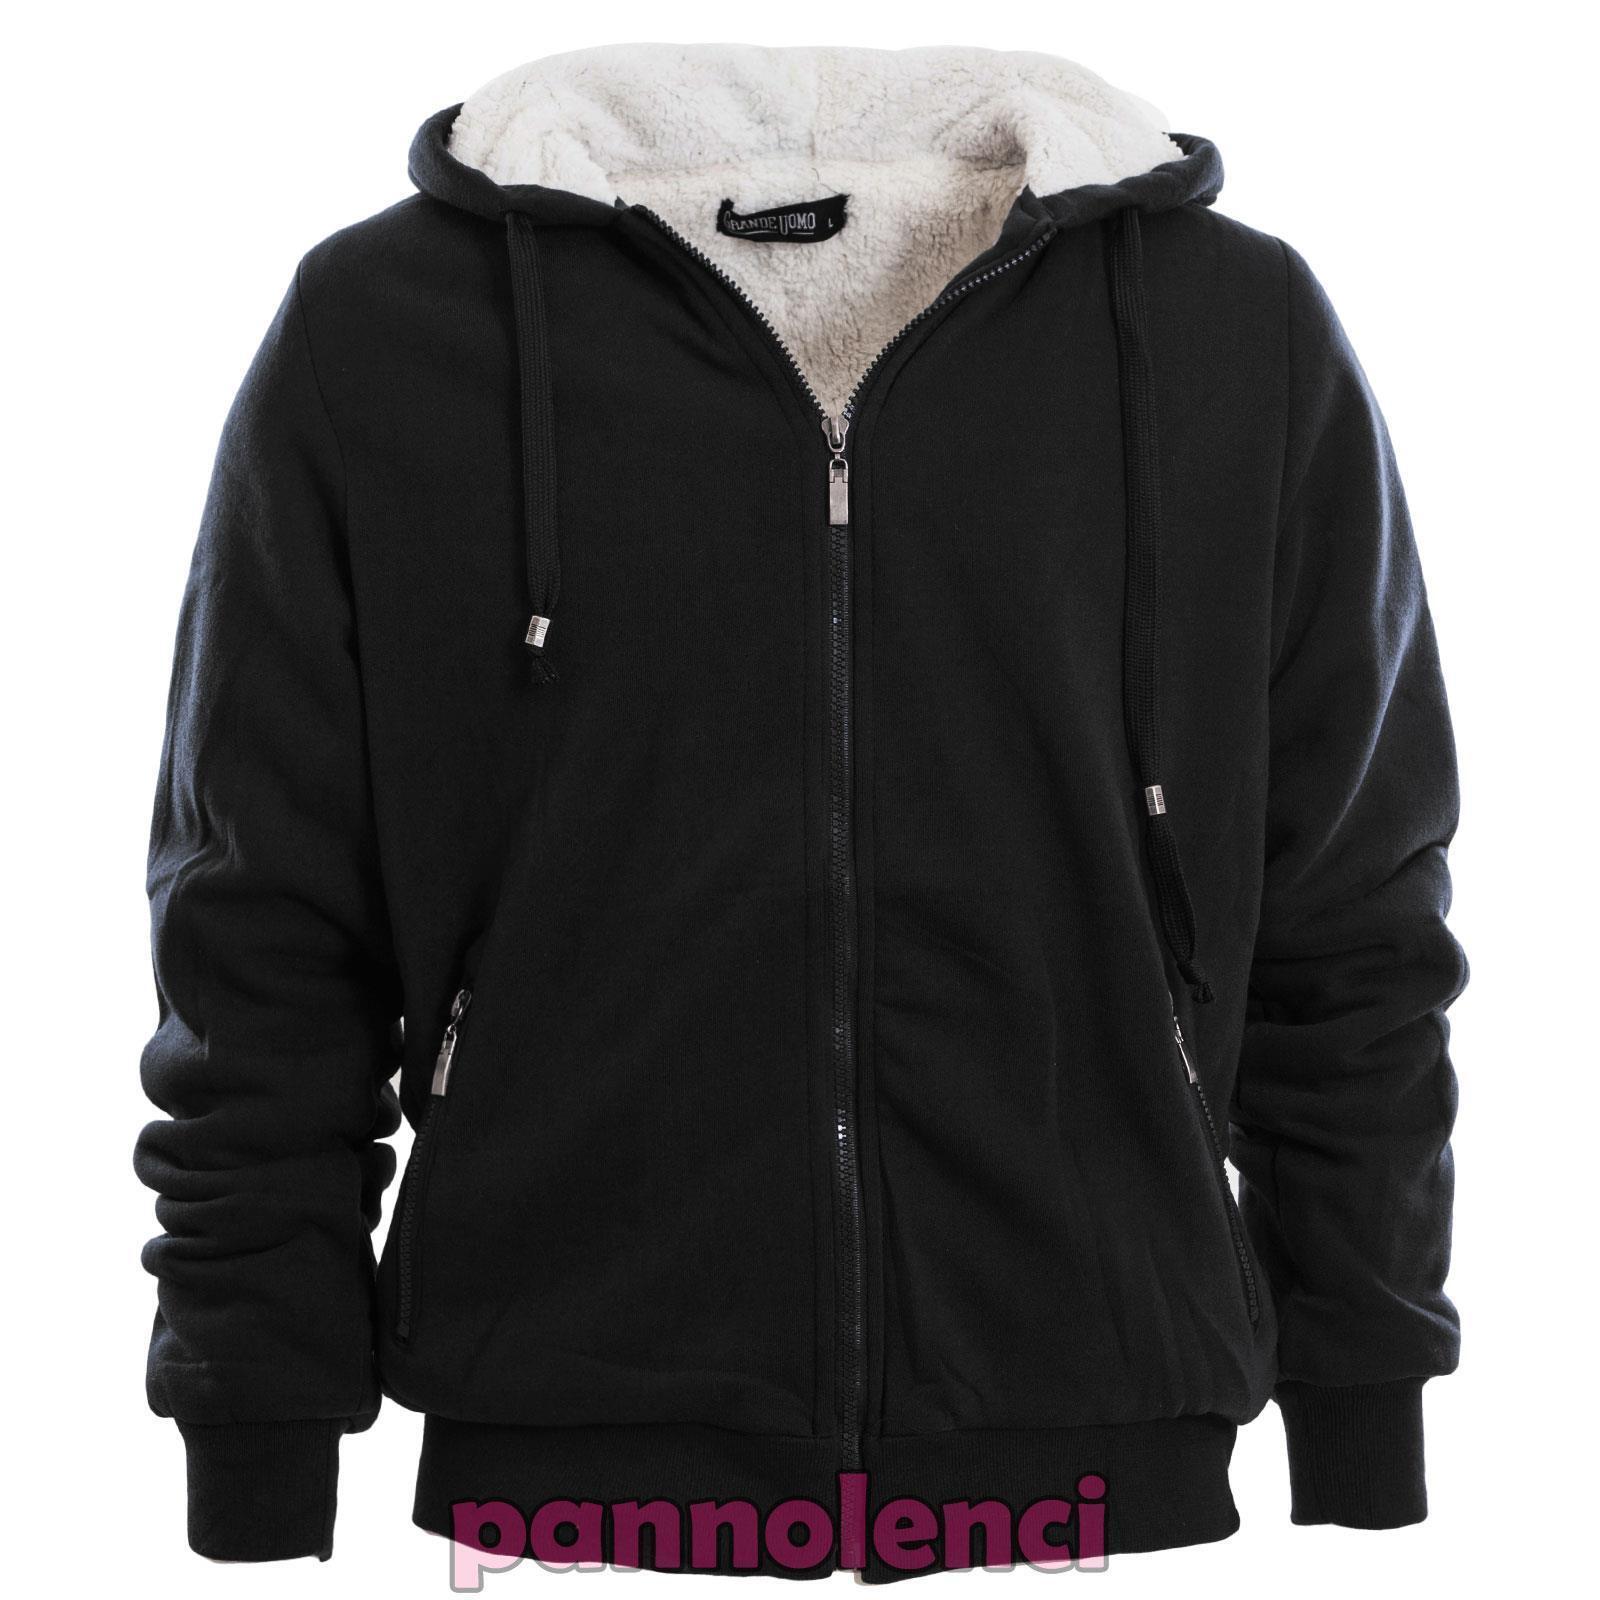 Felpa uomo cappuccio eco pelliccia zip giacchetto invernale caldo nuovo  FM1016  8bcb1572a45